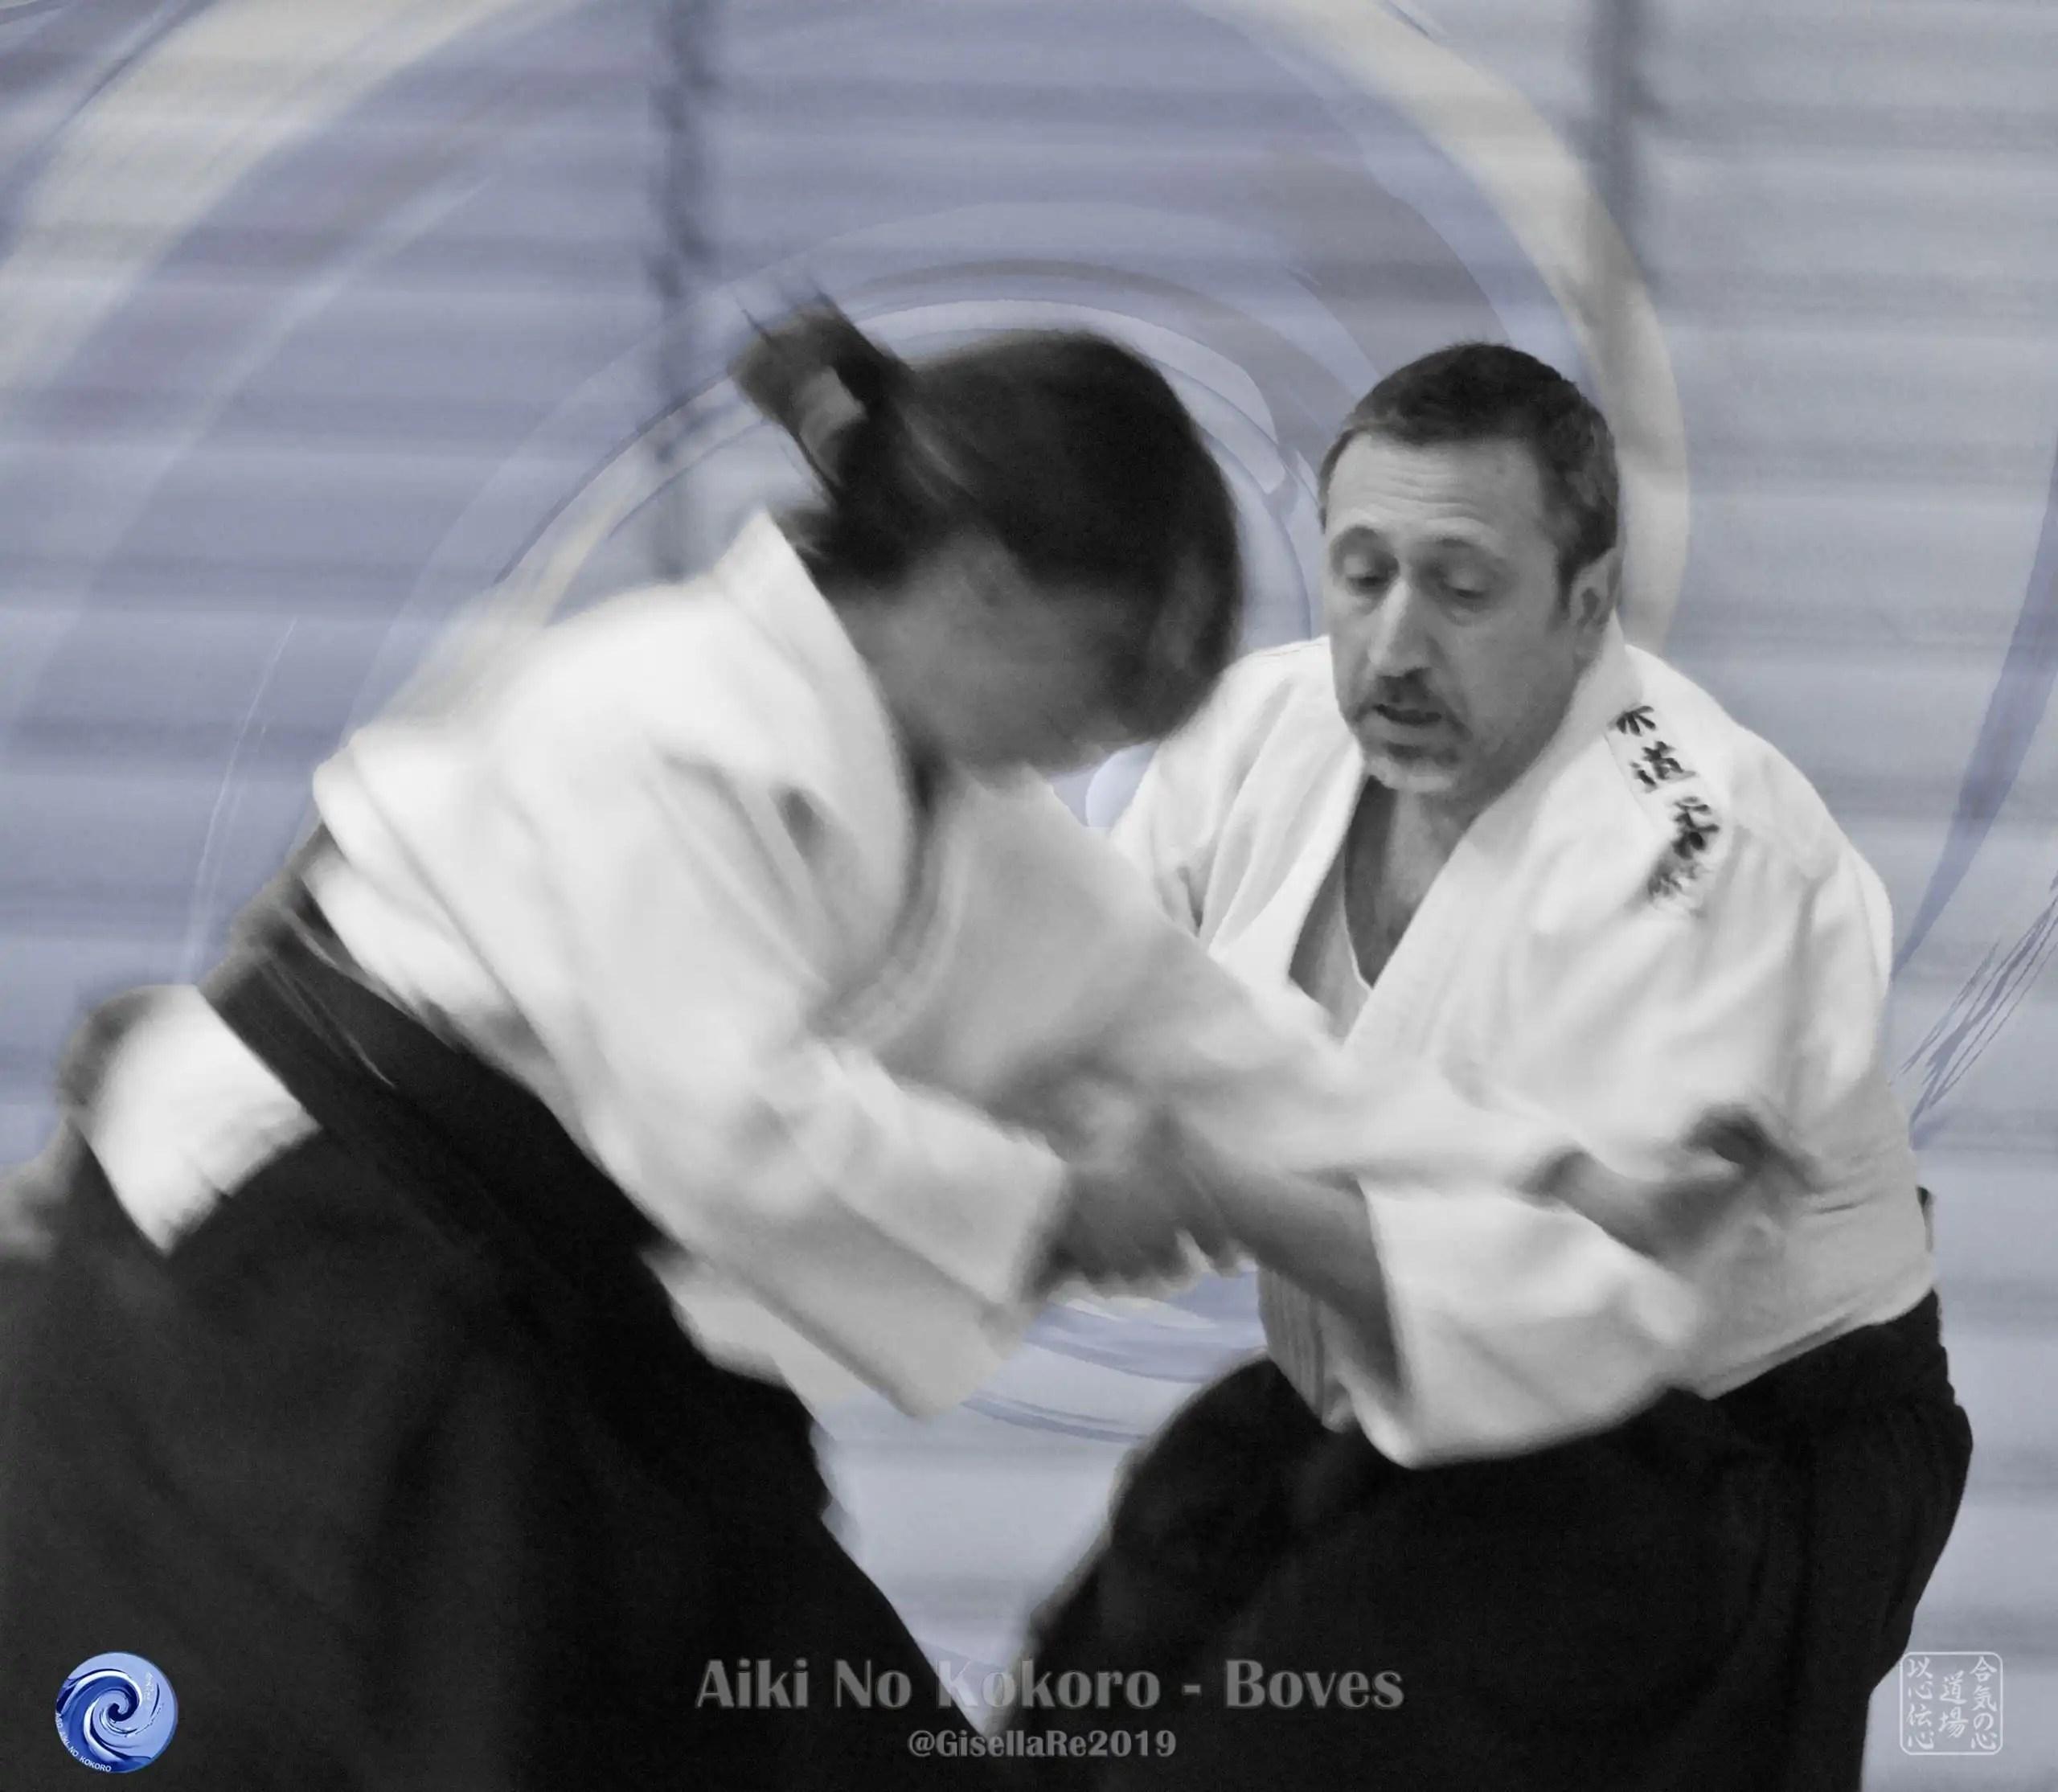 Jiyu waza, Aiki No Kokoro Boves, Scuola di AIkido Cuneo